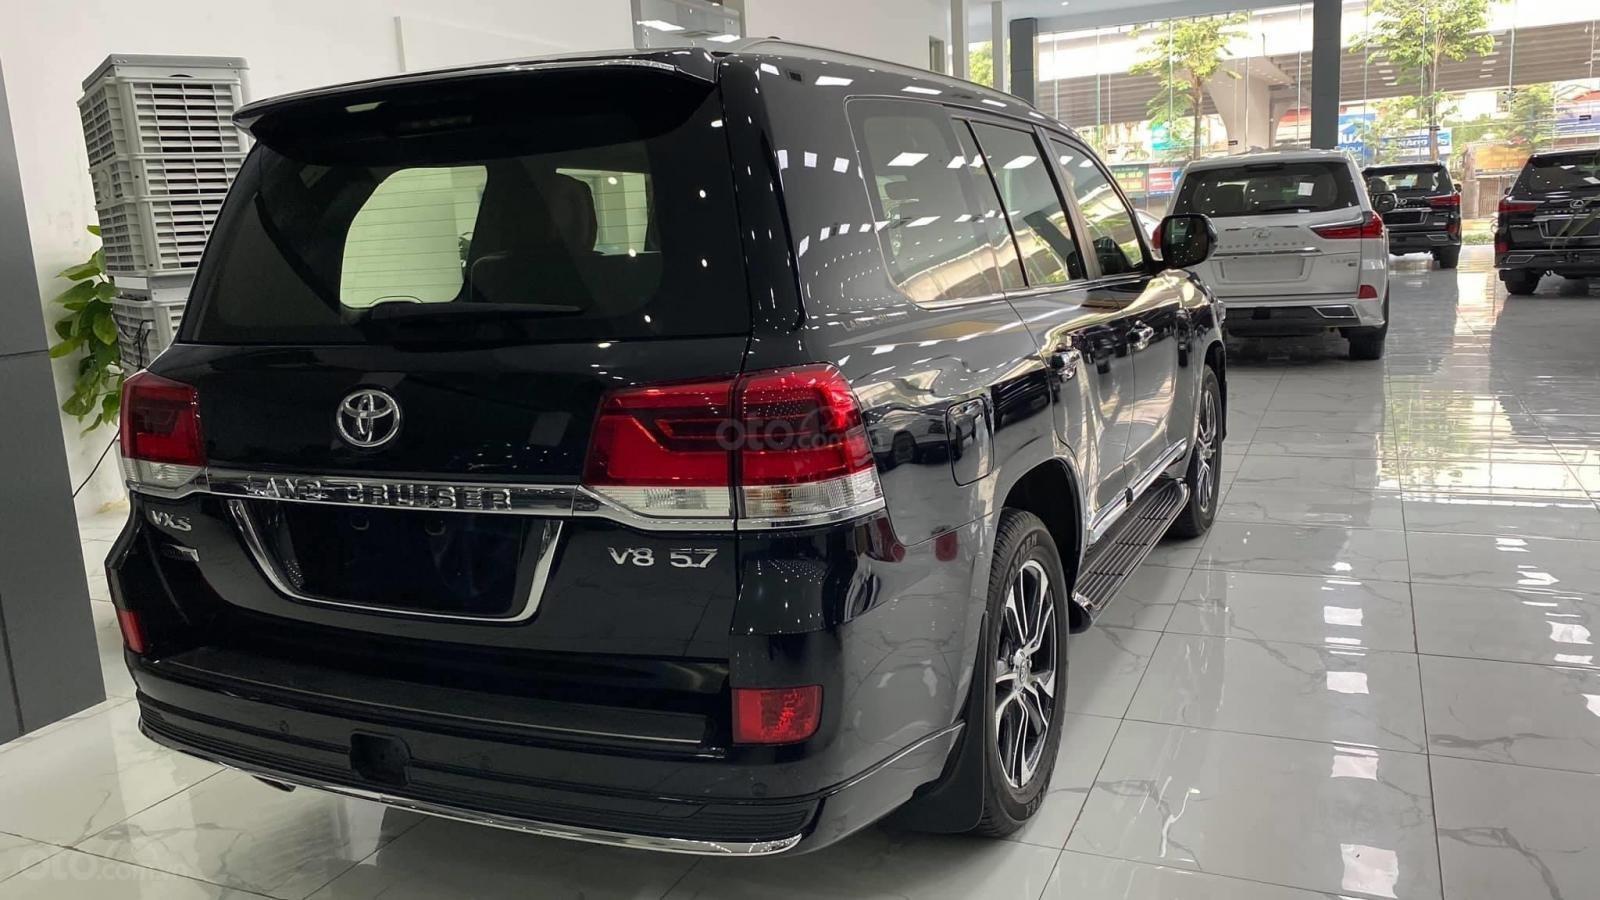 Bán Toyota Land Cruise VX S 5.7 sản xuất 2020, 4 ghế Massage siêu vip, xe giao ngay, giá tốt (6)